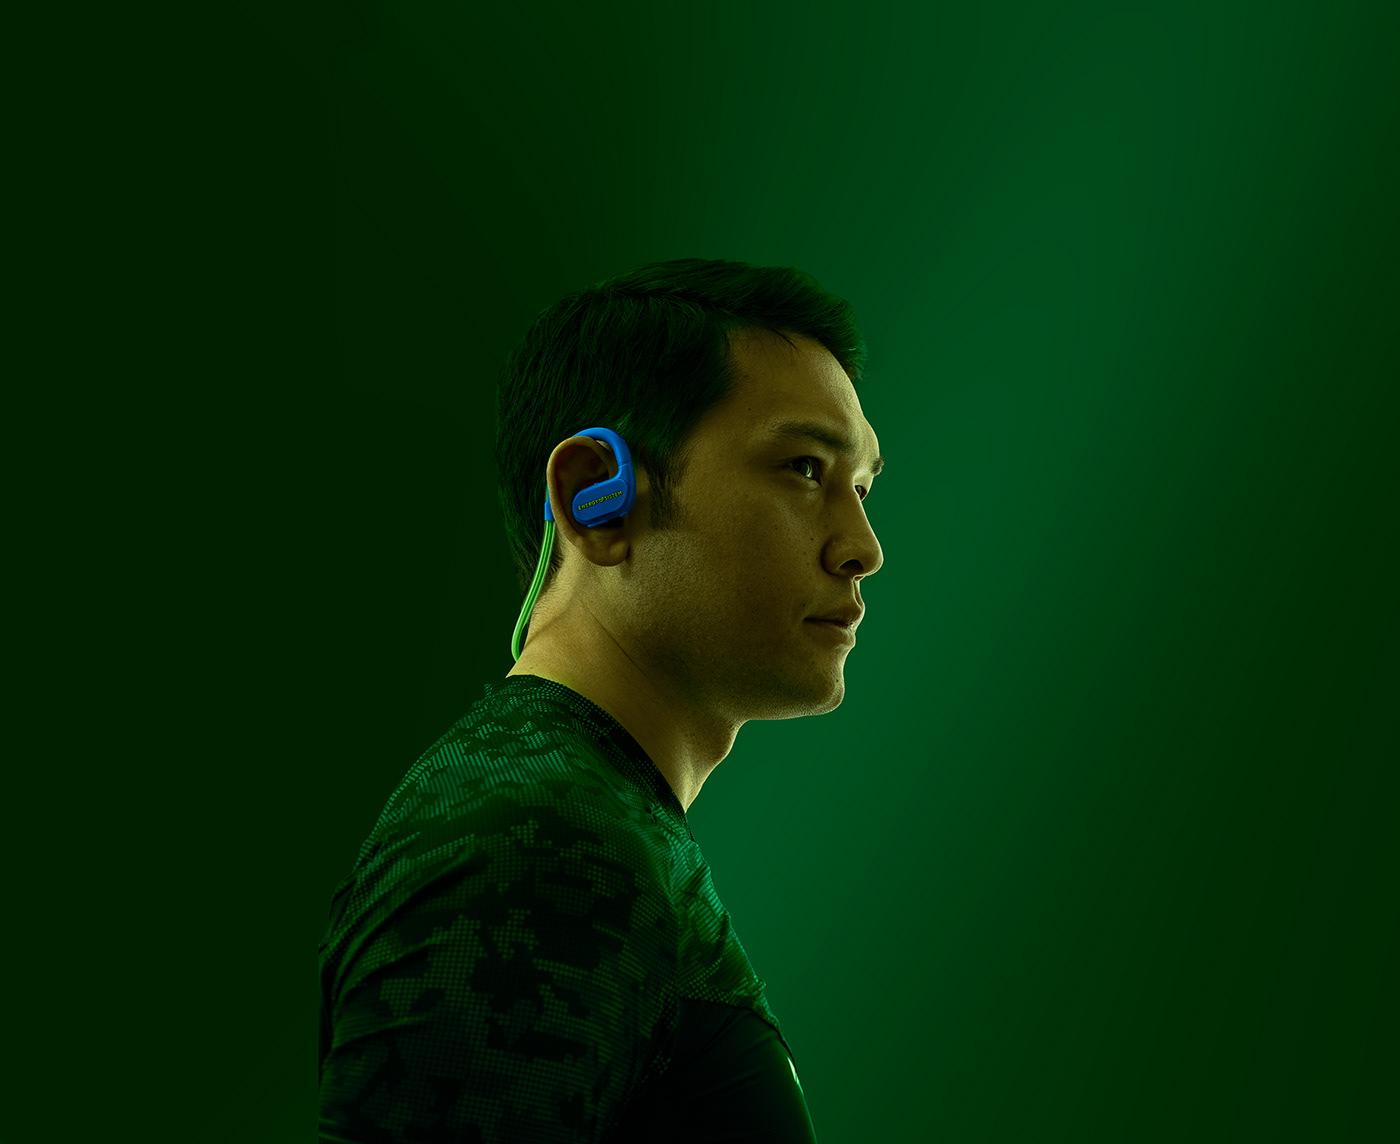 earphones sport photo color product photoshop capture one model light